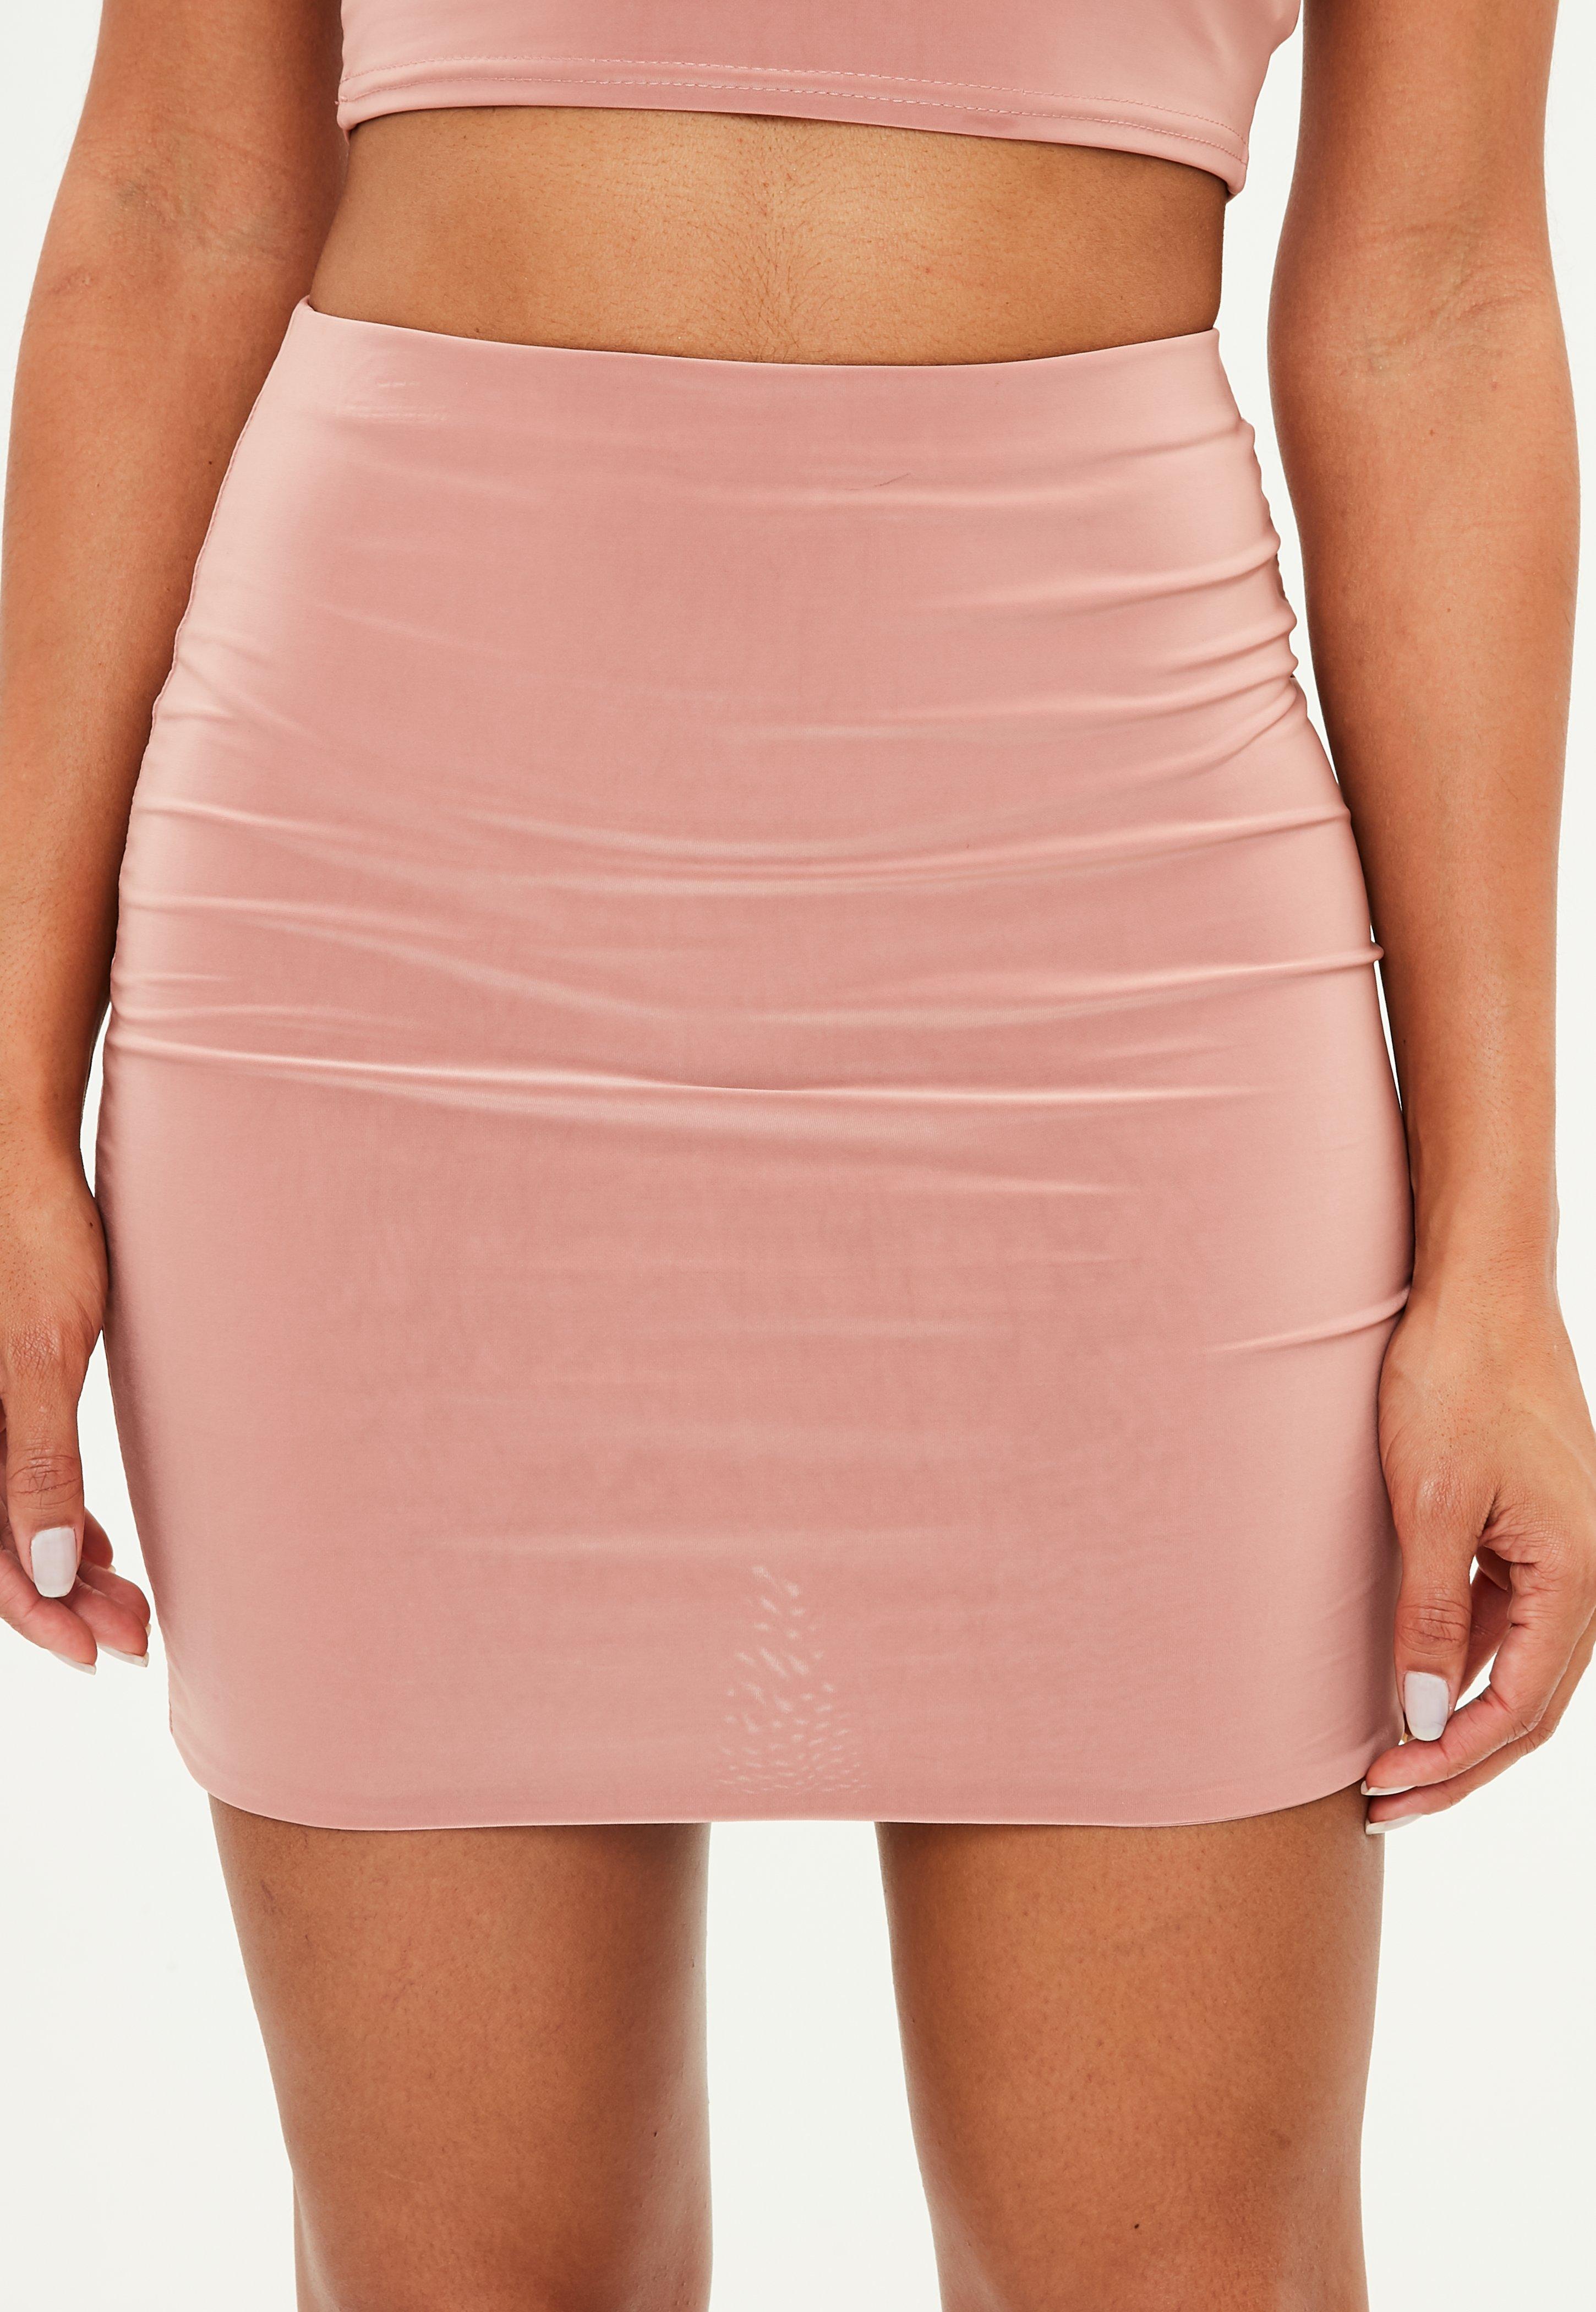 Skirt Length Over 50